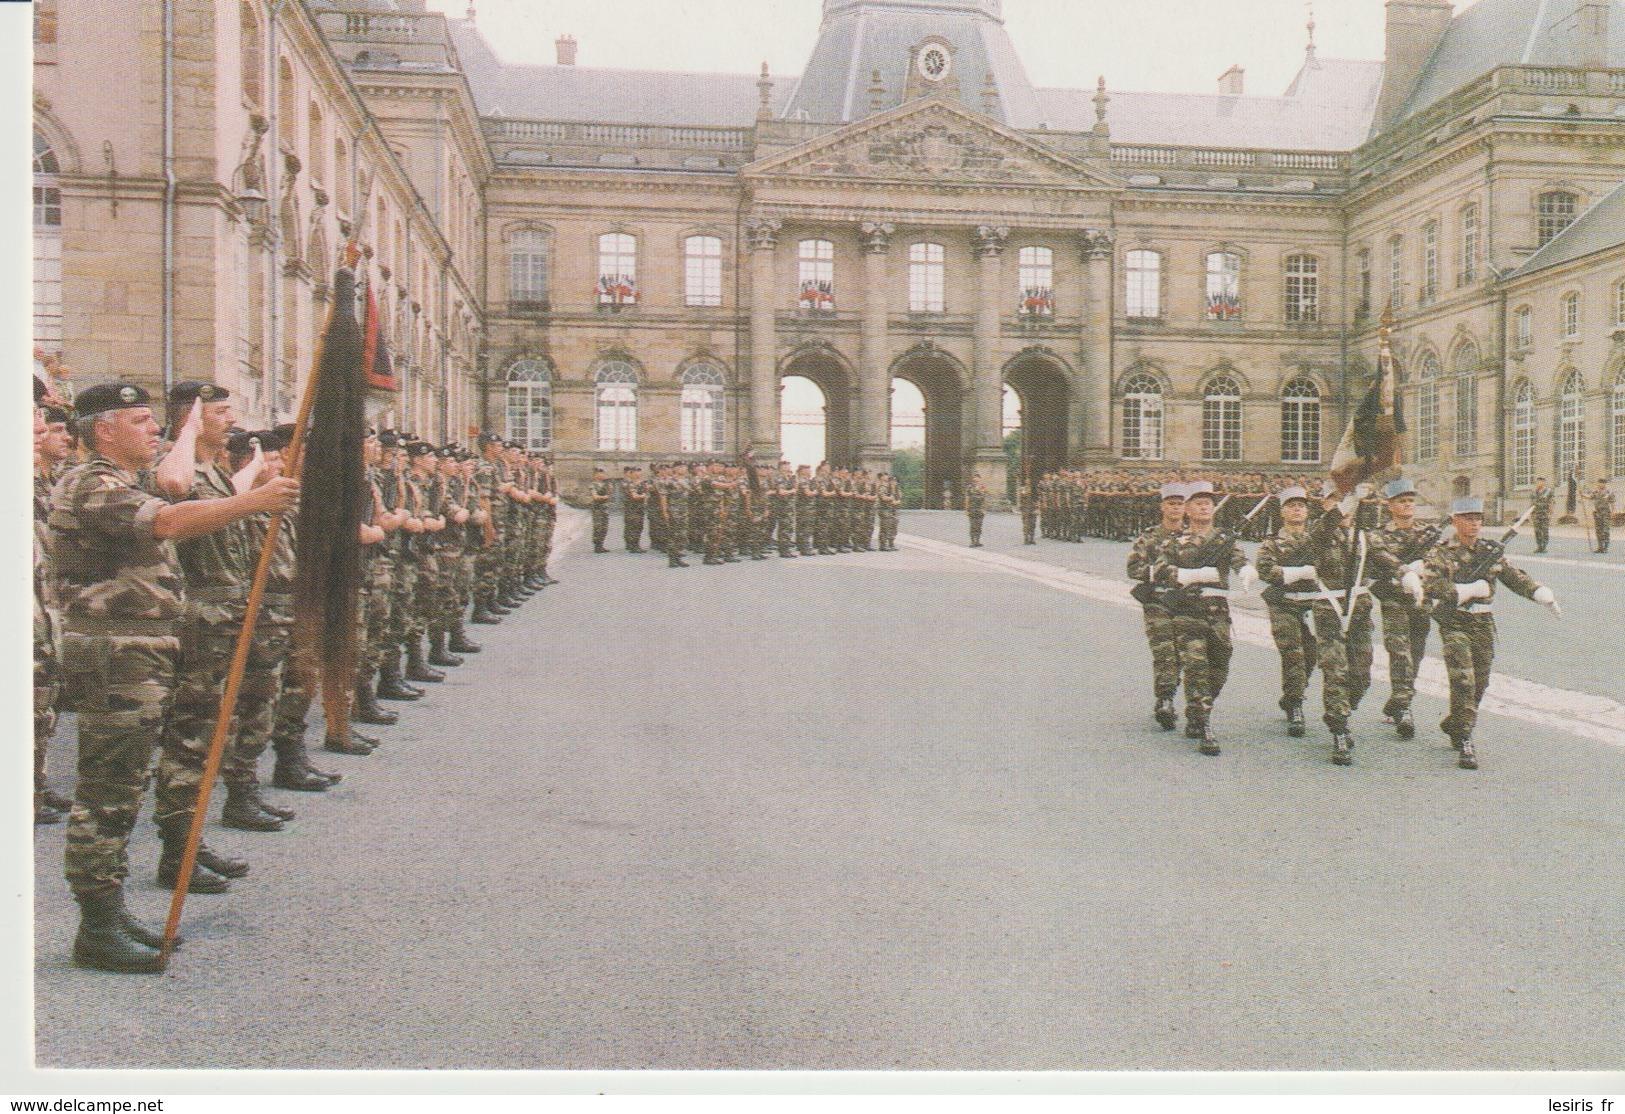 C.P. - PHOTO - DISSOLUTION DU 3° CUIRS - LUNEVILLE 27 JUIN 1998 - LA GARDE VA REMETTRE SON ÉTENDARD AU CAPITAINE GEORGE - Casernas